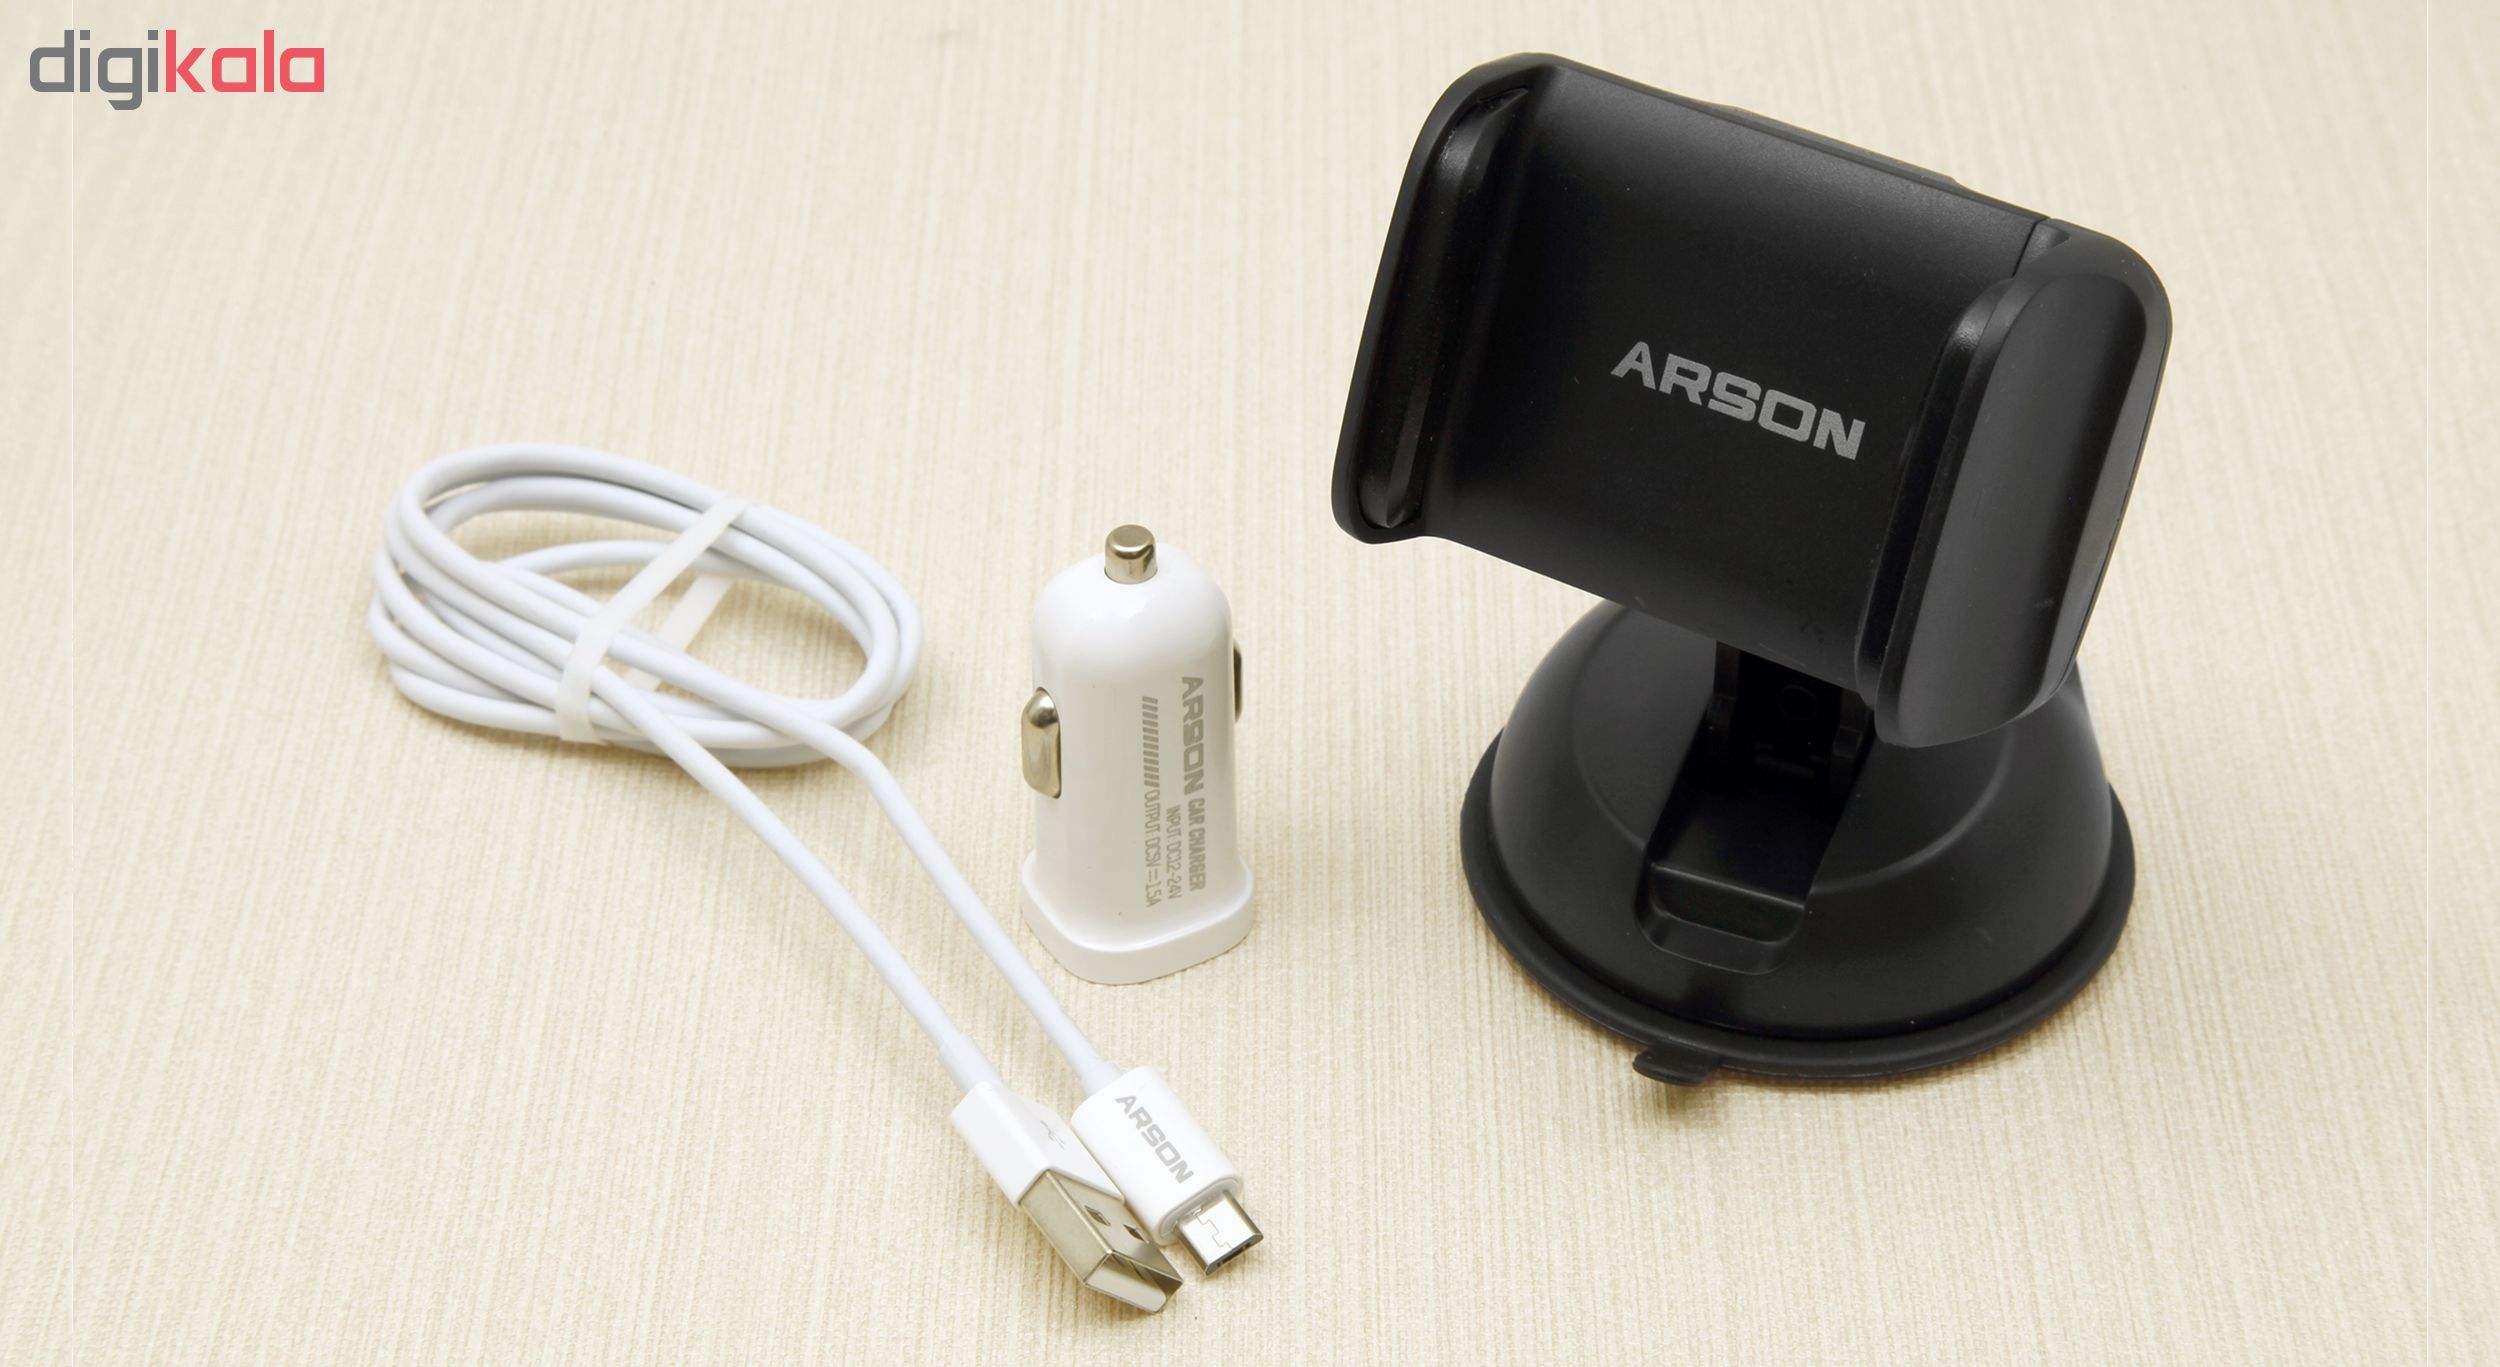 مجموعه لوازم جانبی موبایل آرسون مدل AN2 main 1 1